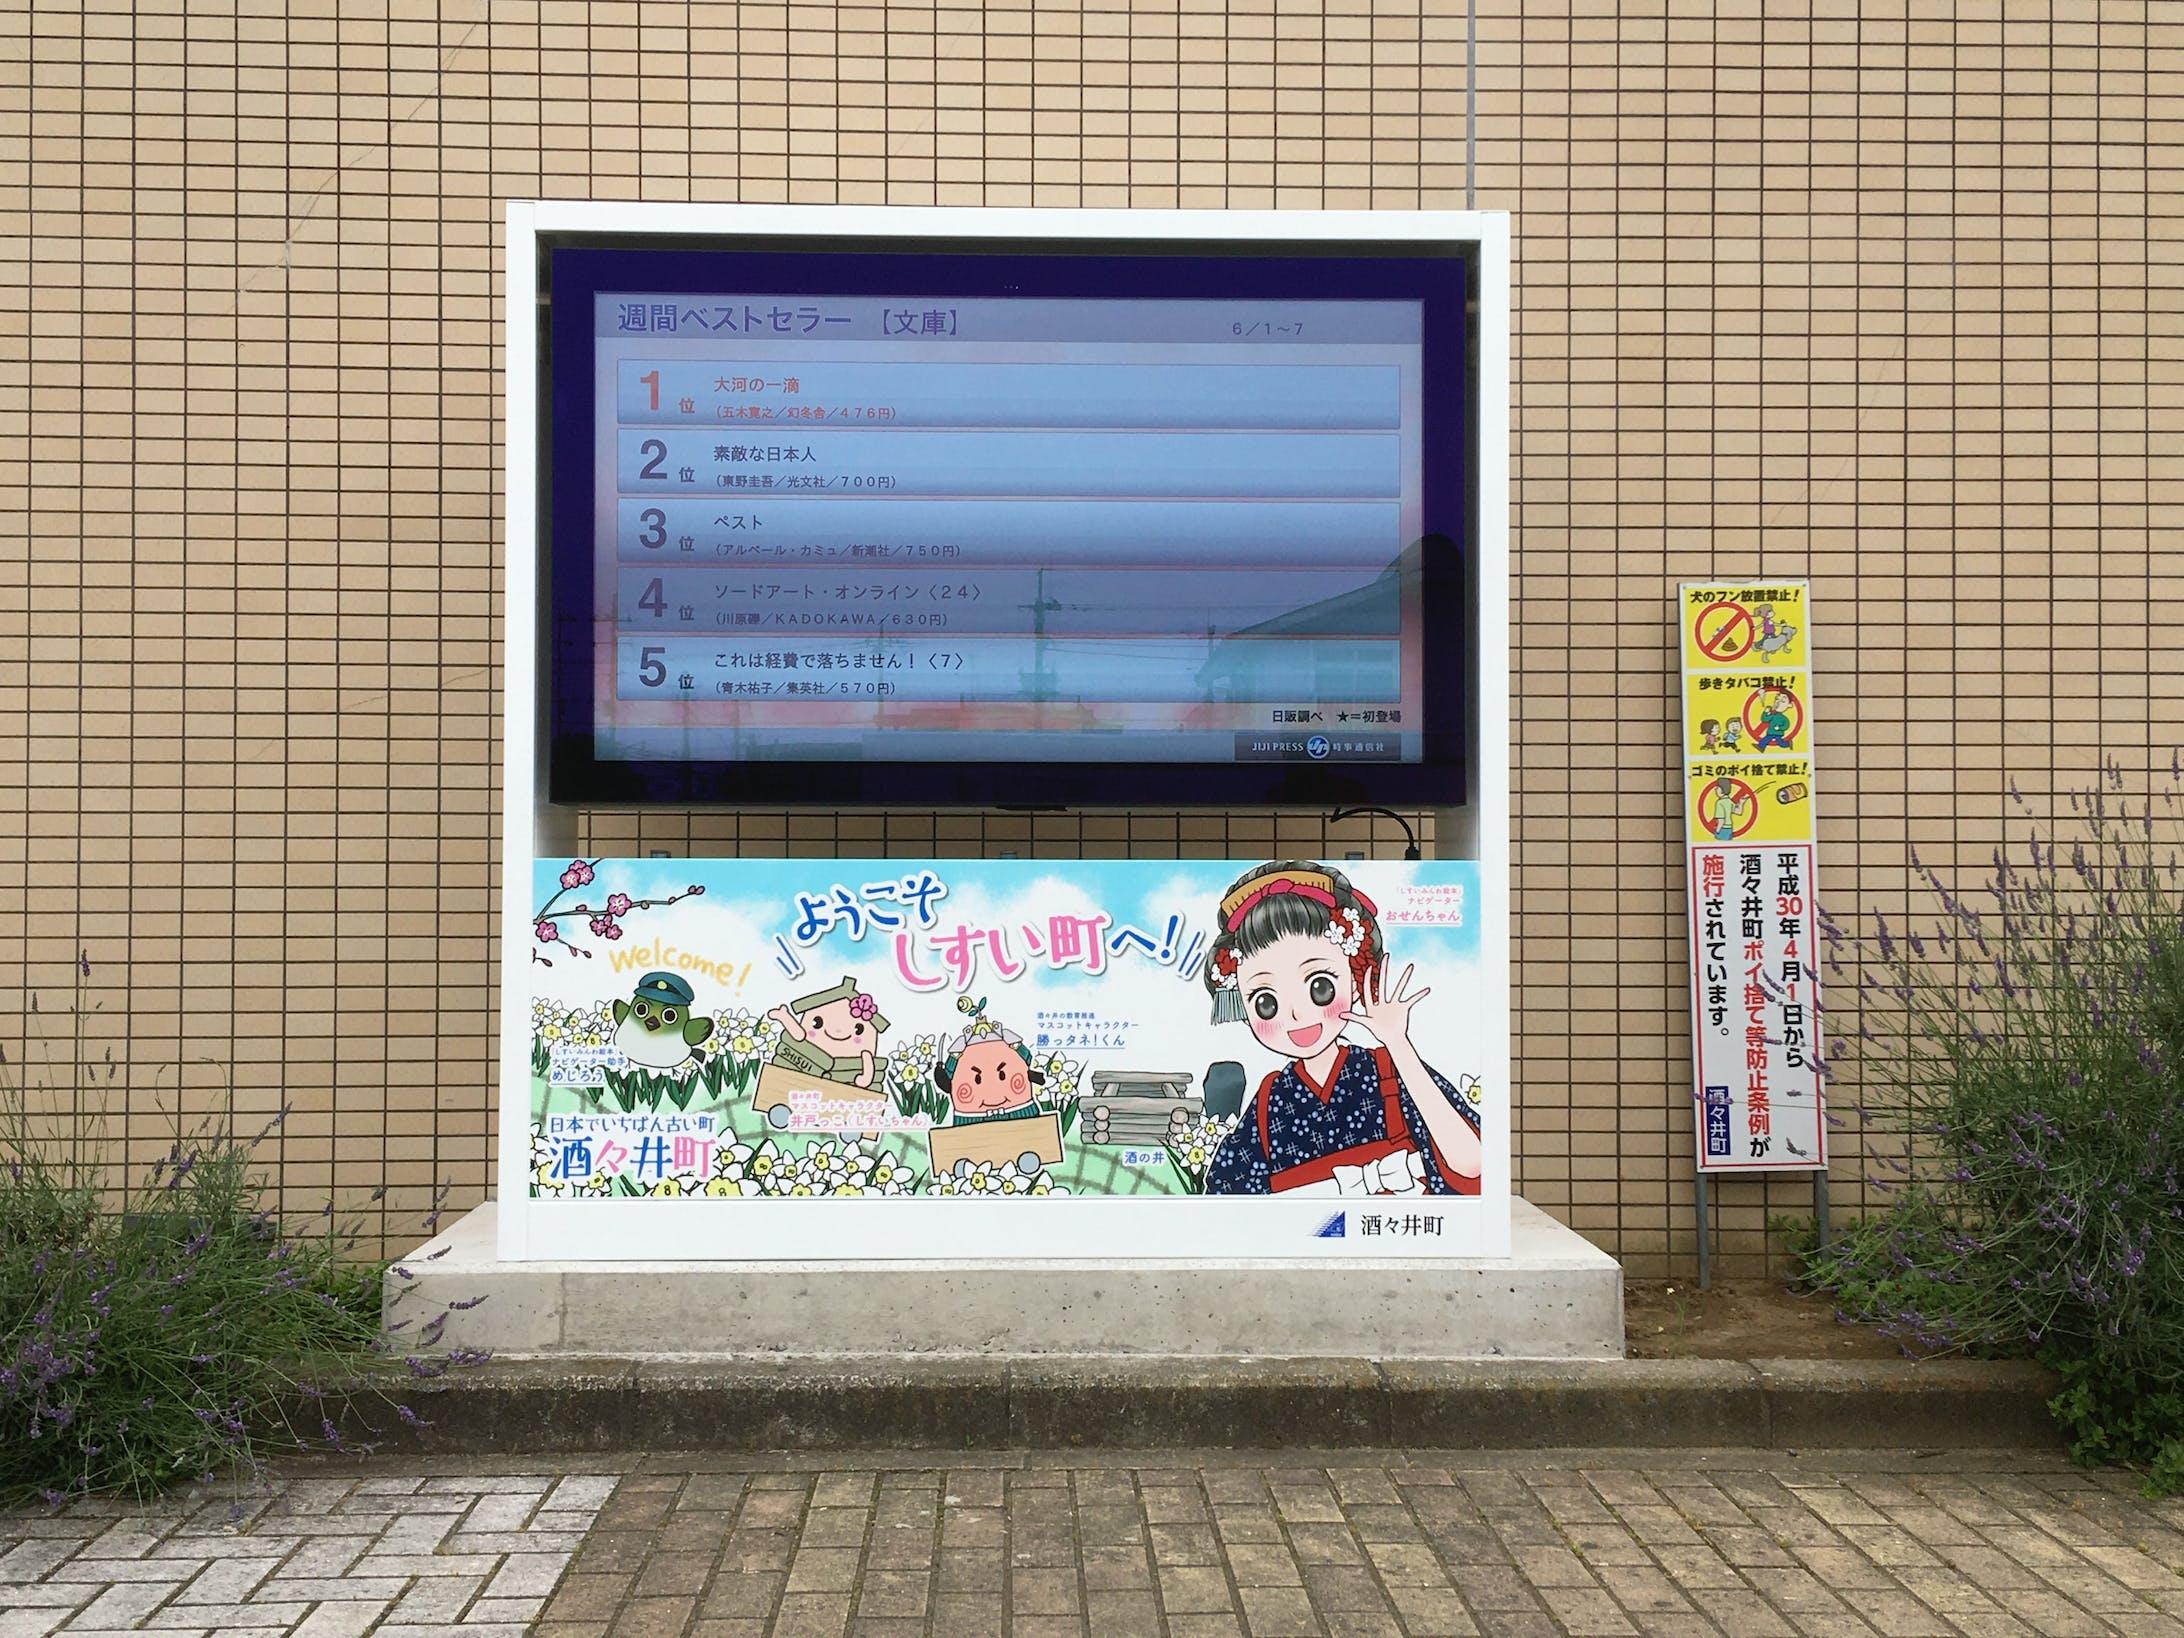 JR酒々井駅西口駅前サイネージラッピングイラスト-1